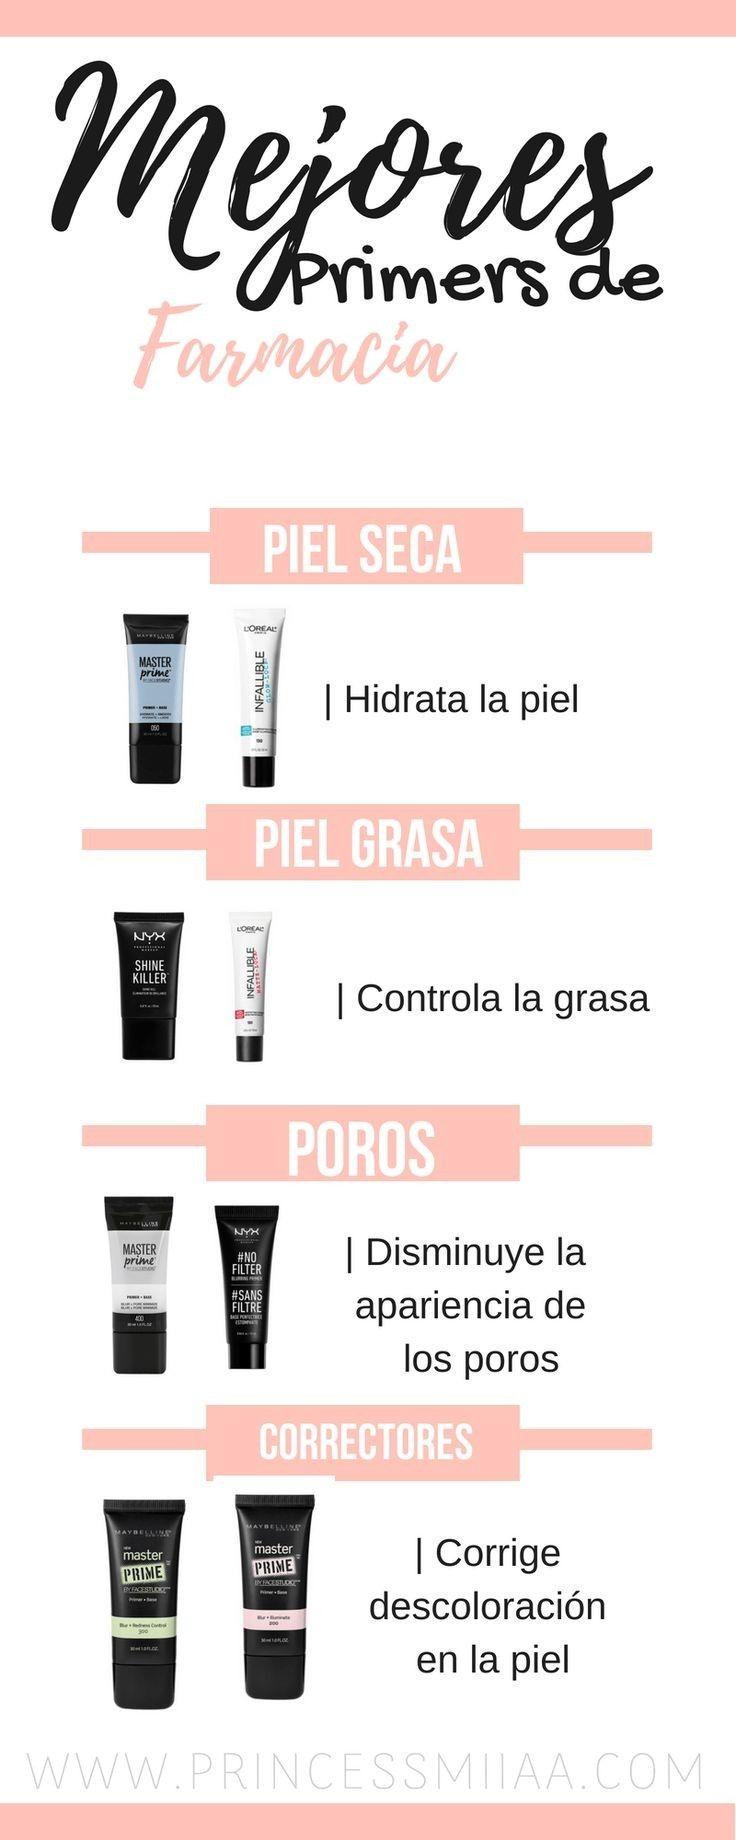 Primers Que Debes Usar Según Tu Tipo De Piel Maquillaje Para Piel Grasa Consejos De Maquillaje Trucos Y Consejos De Maquillaje